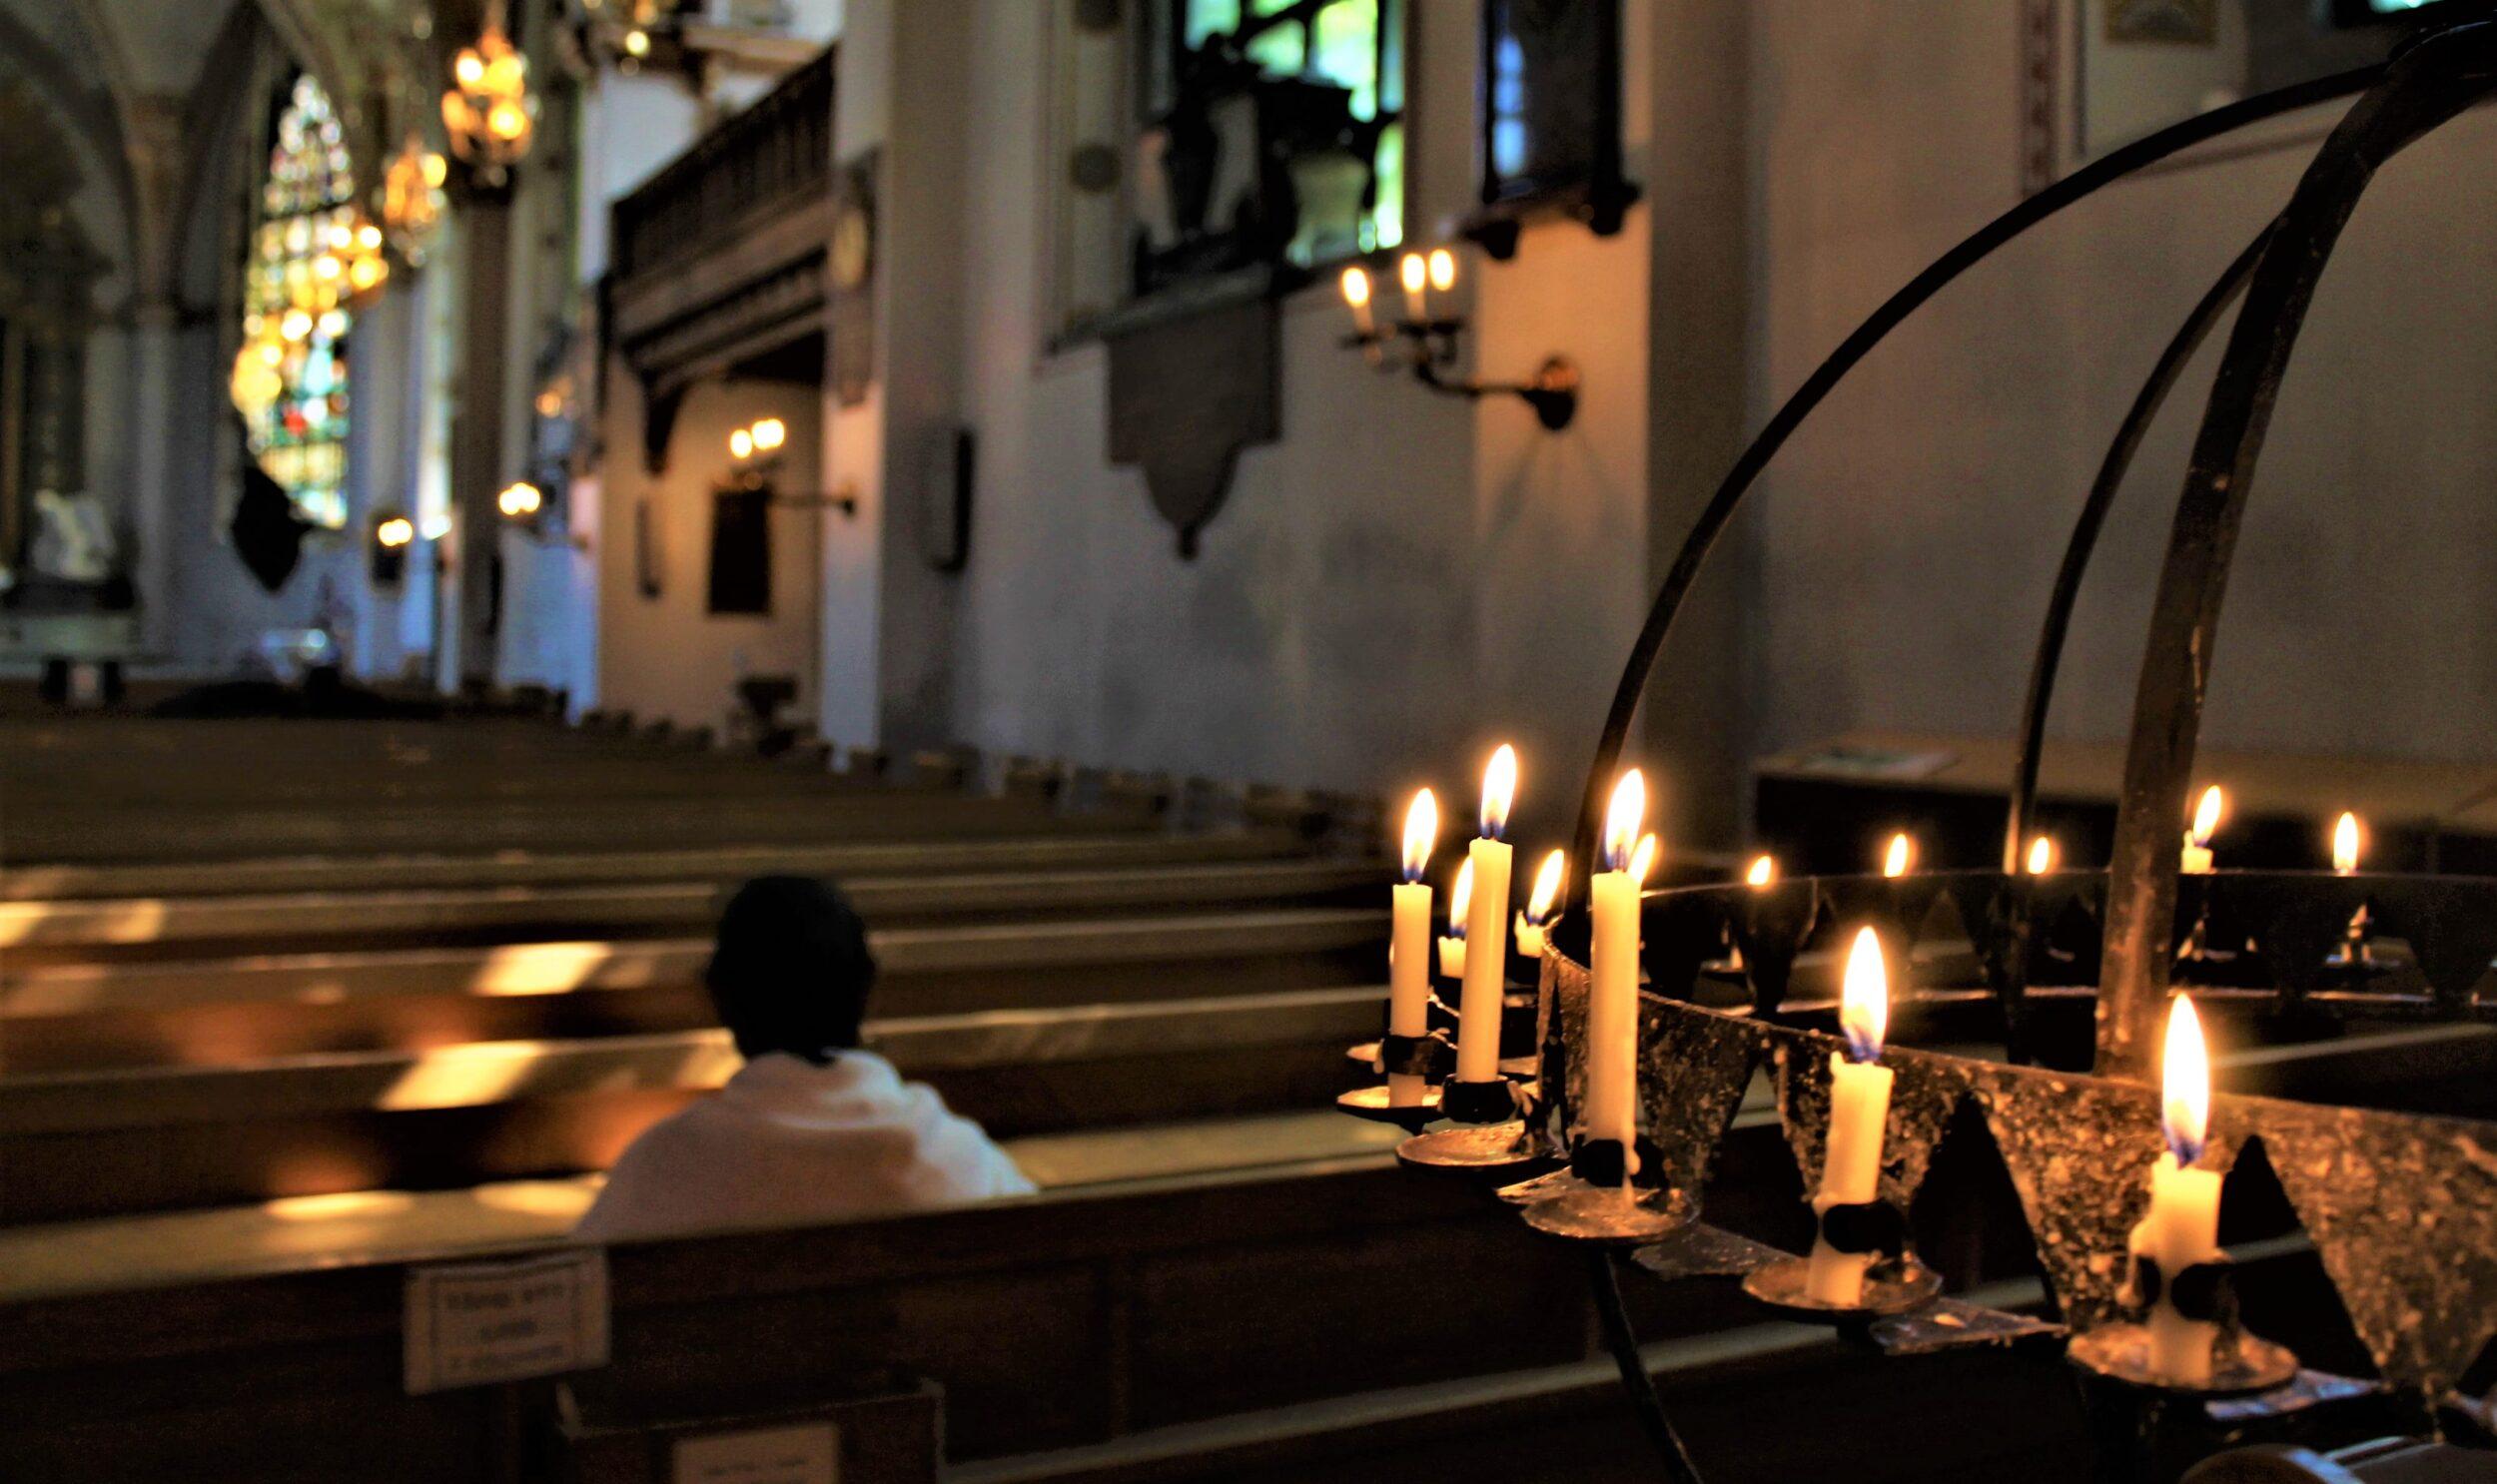 Kyrkorna identifierar åtta särskilt utsatta grupper under coronapandemin i ny rapport